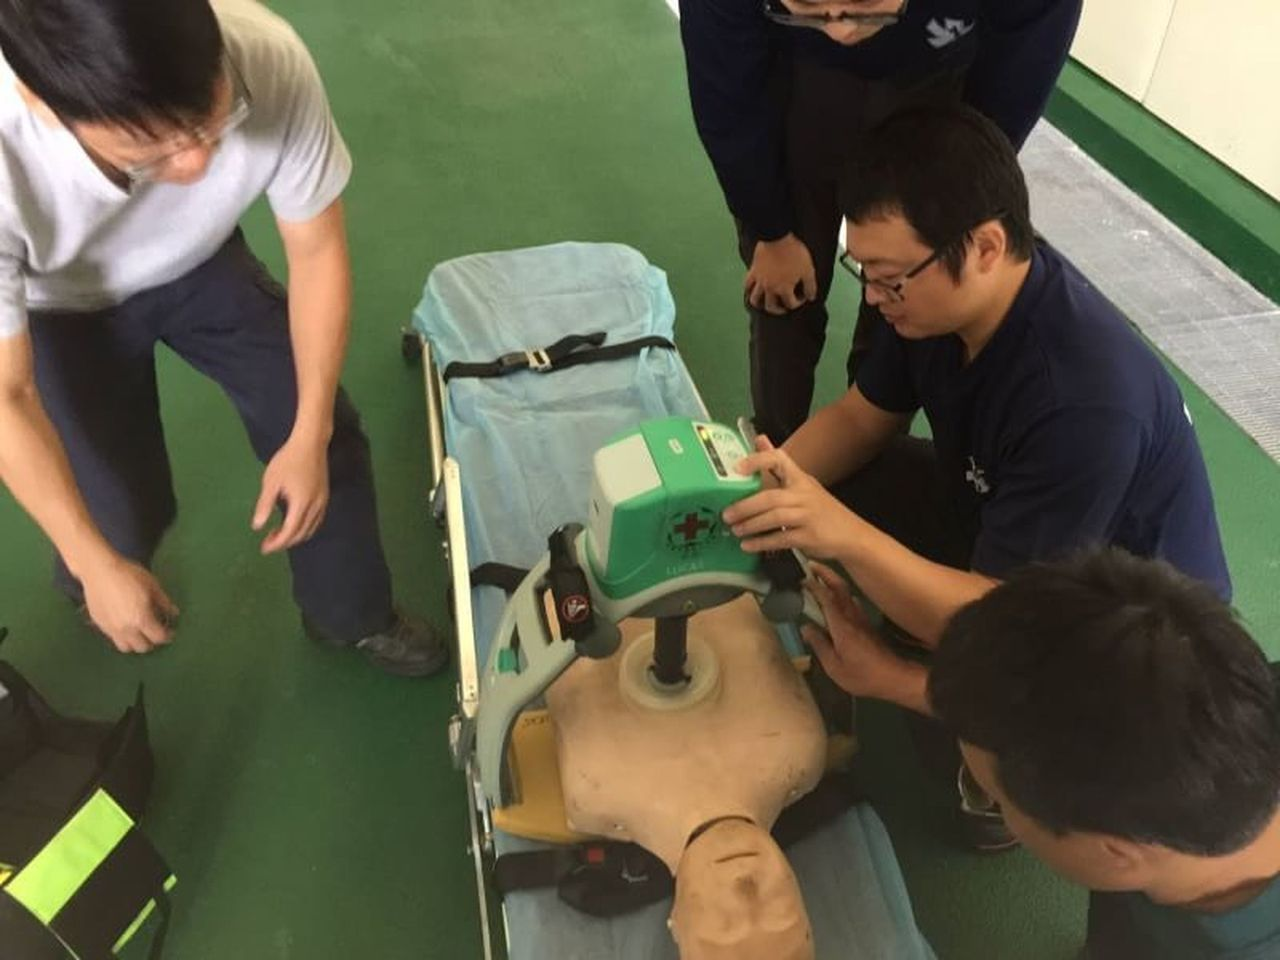 利用LUCAS自動心肺復甦機及AED(體外心臟去顫器)輔助搶救。可以爭取病患活命...